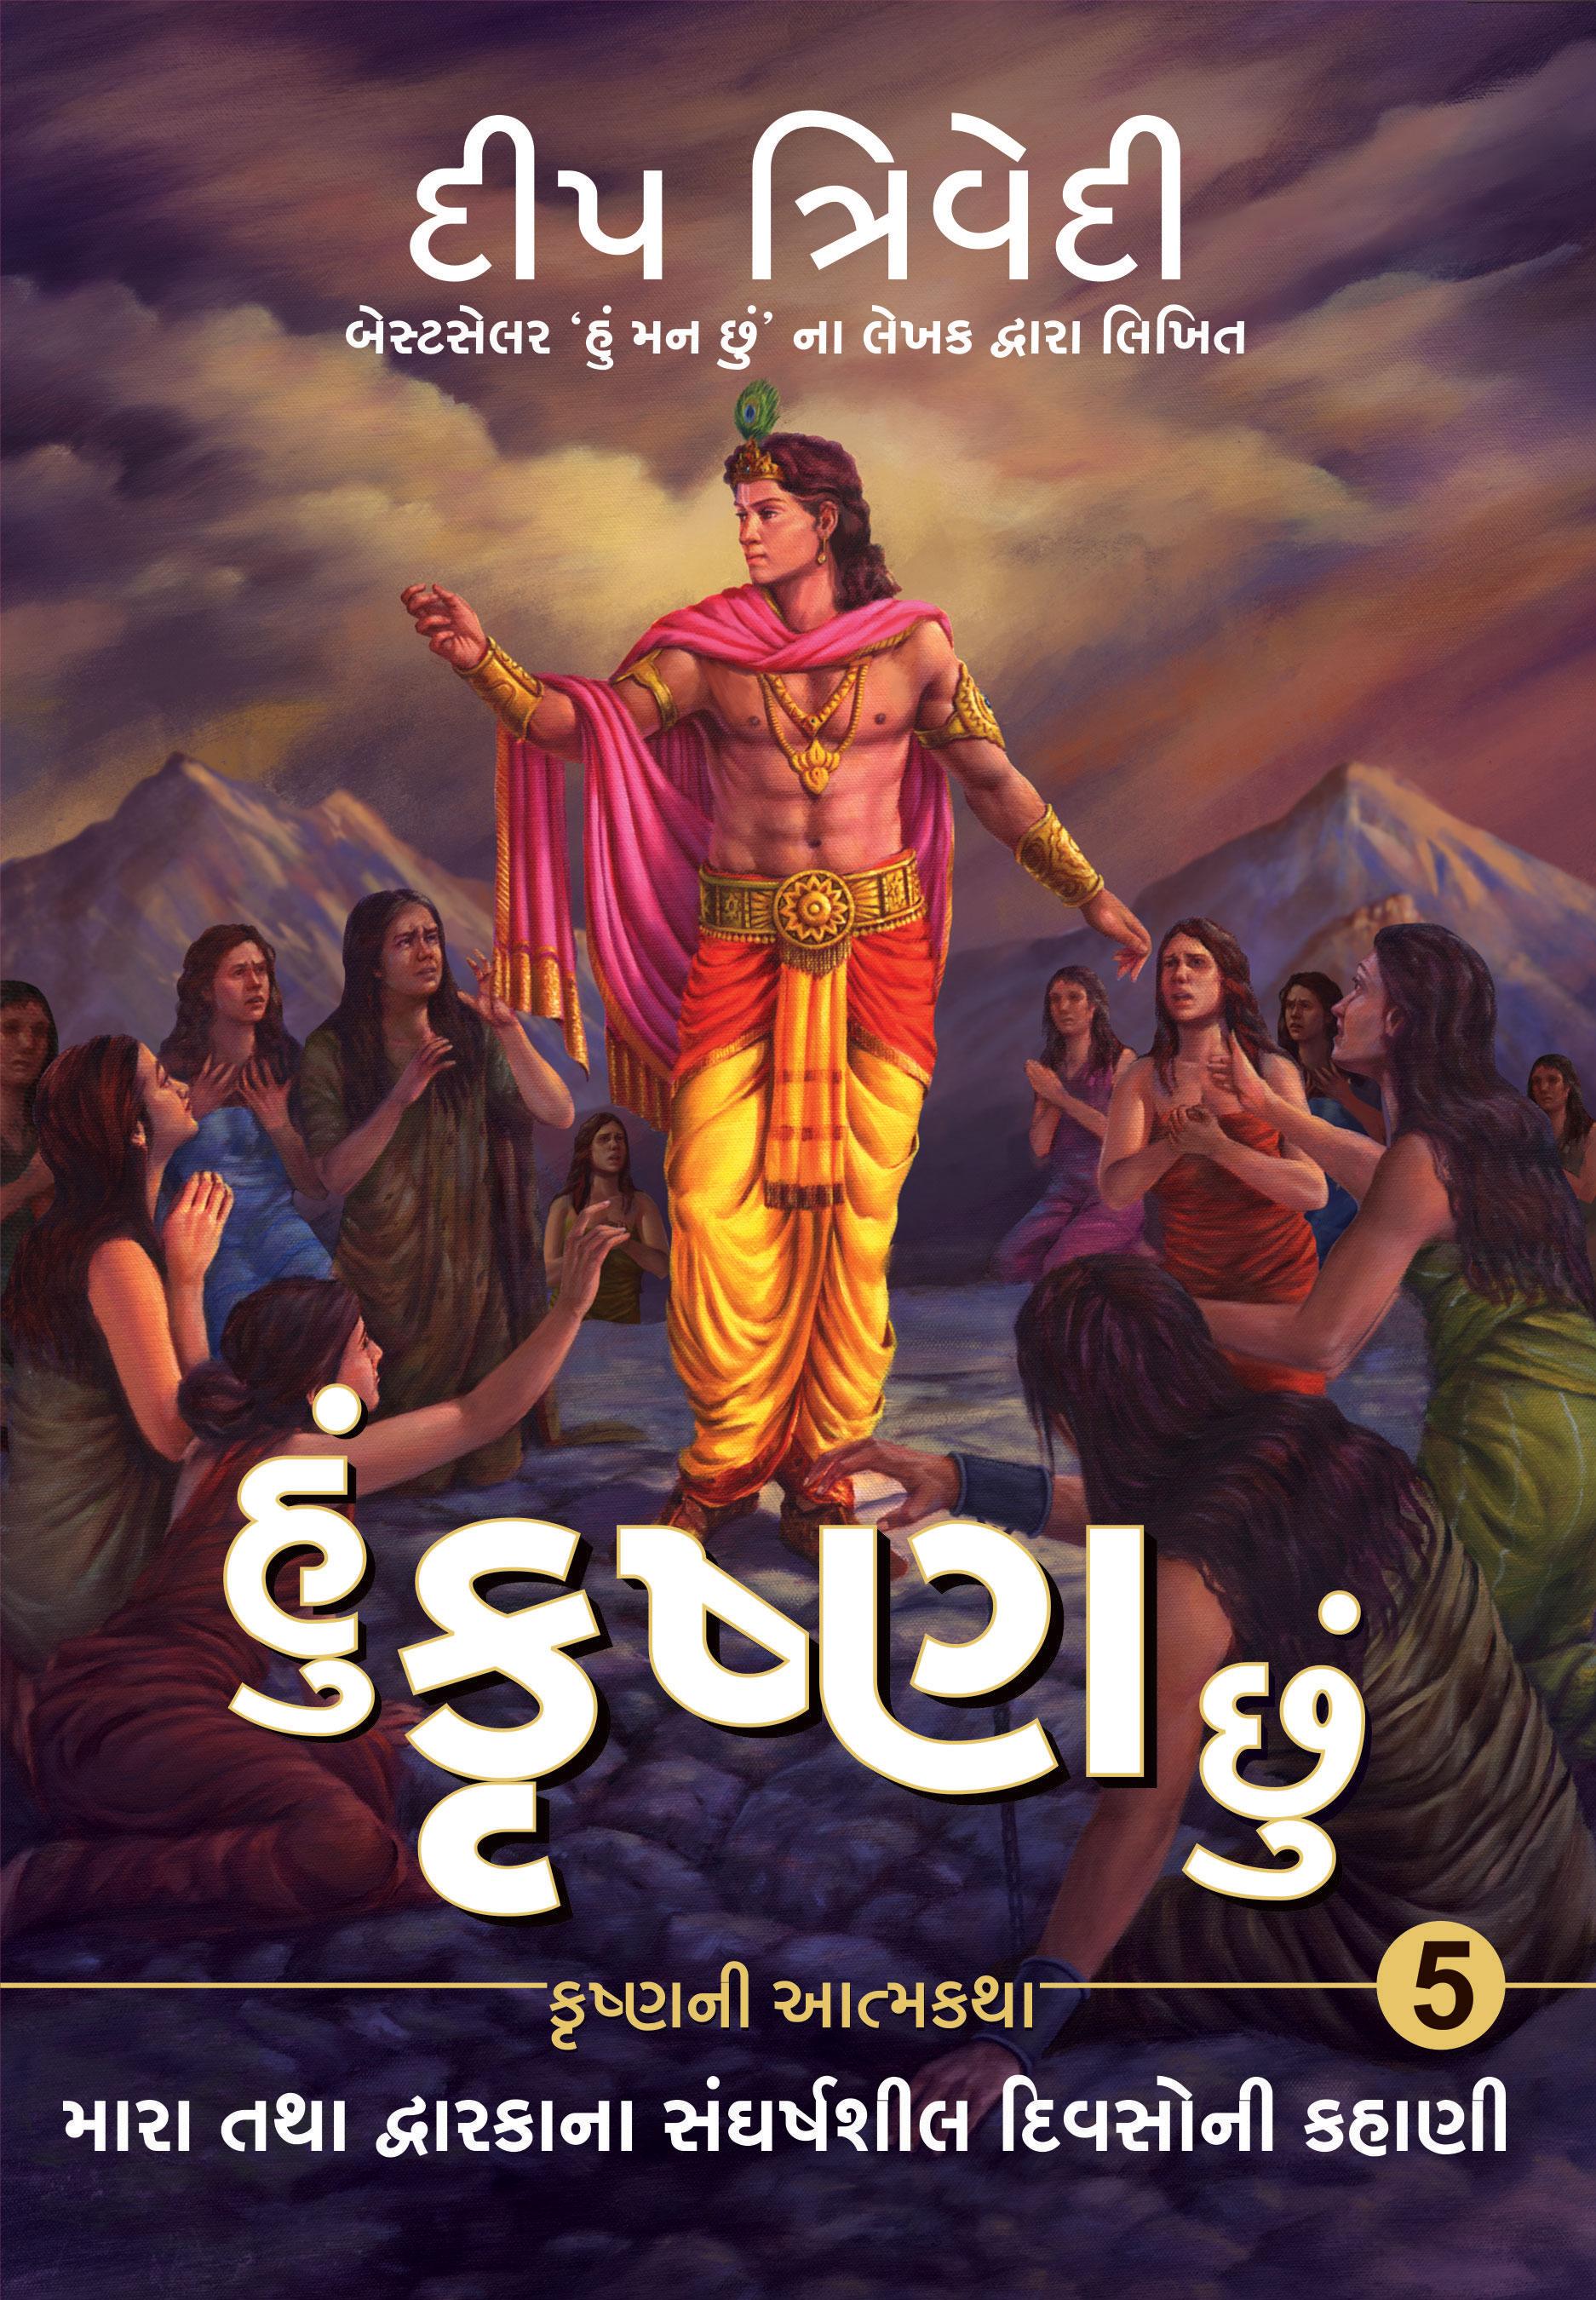 Krishna-5_Gujarati